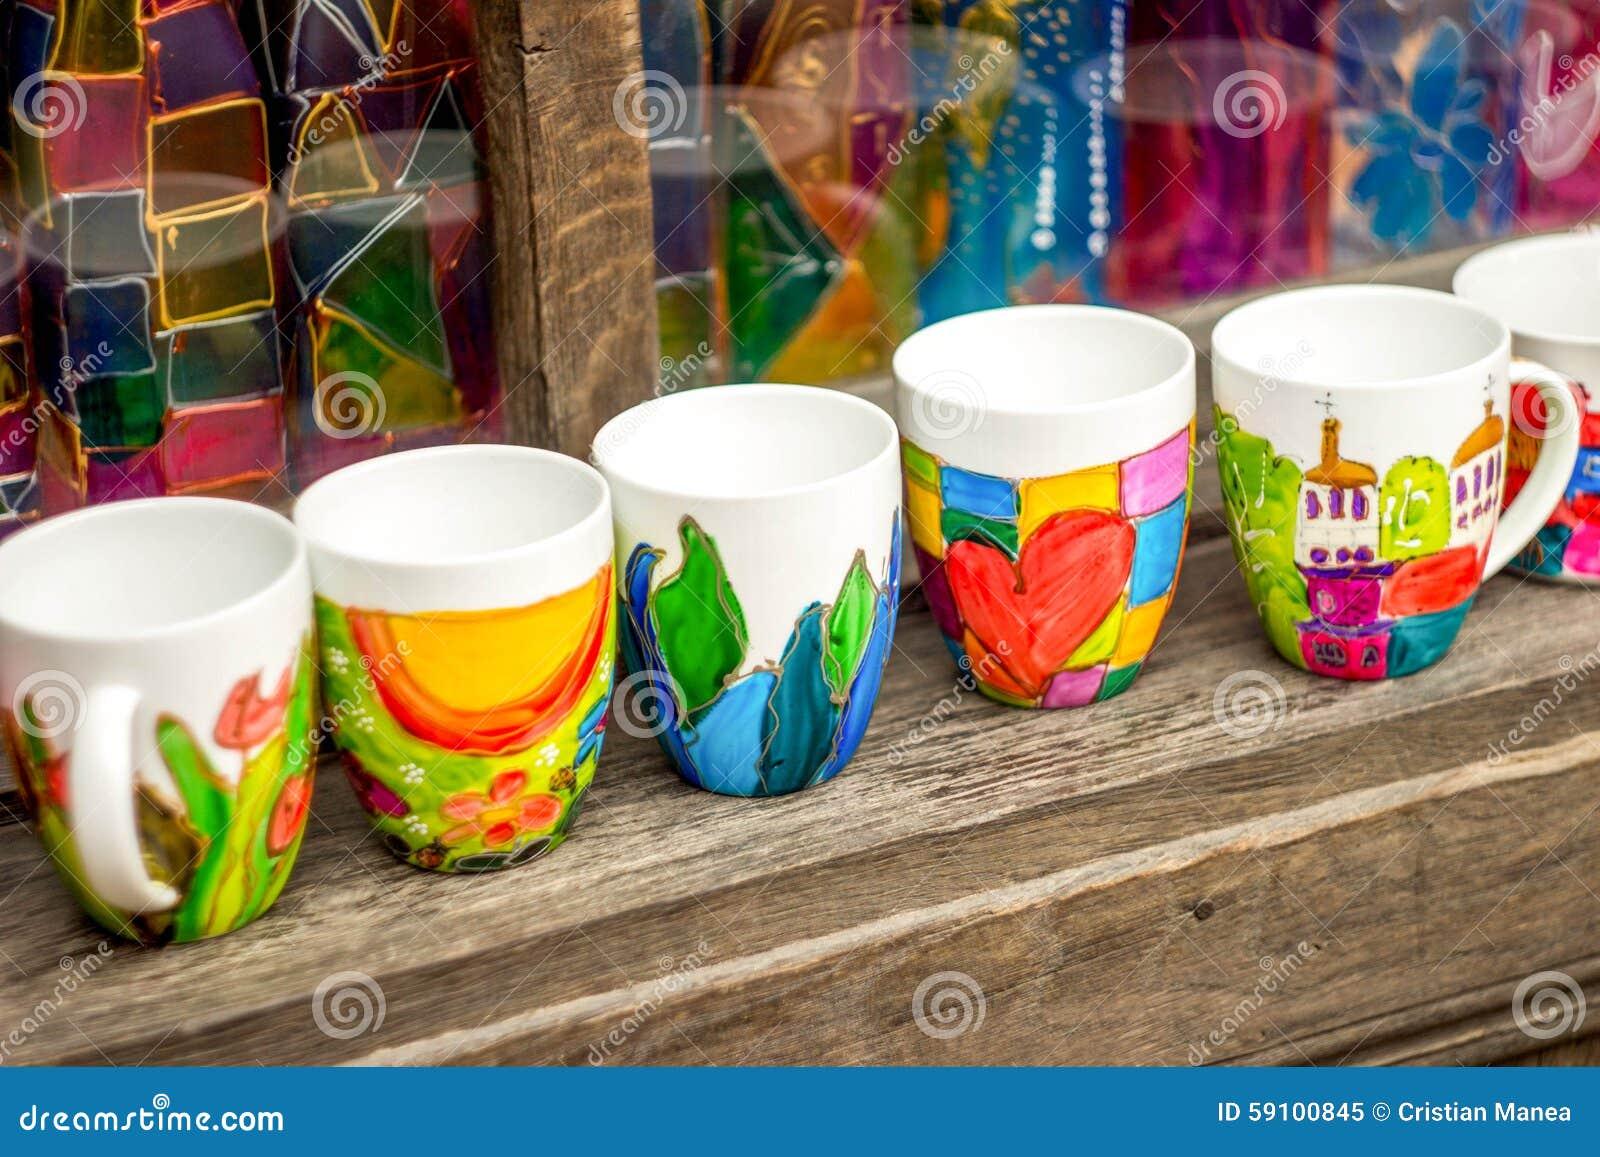 Gekleurde ceramische mokken